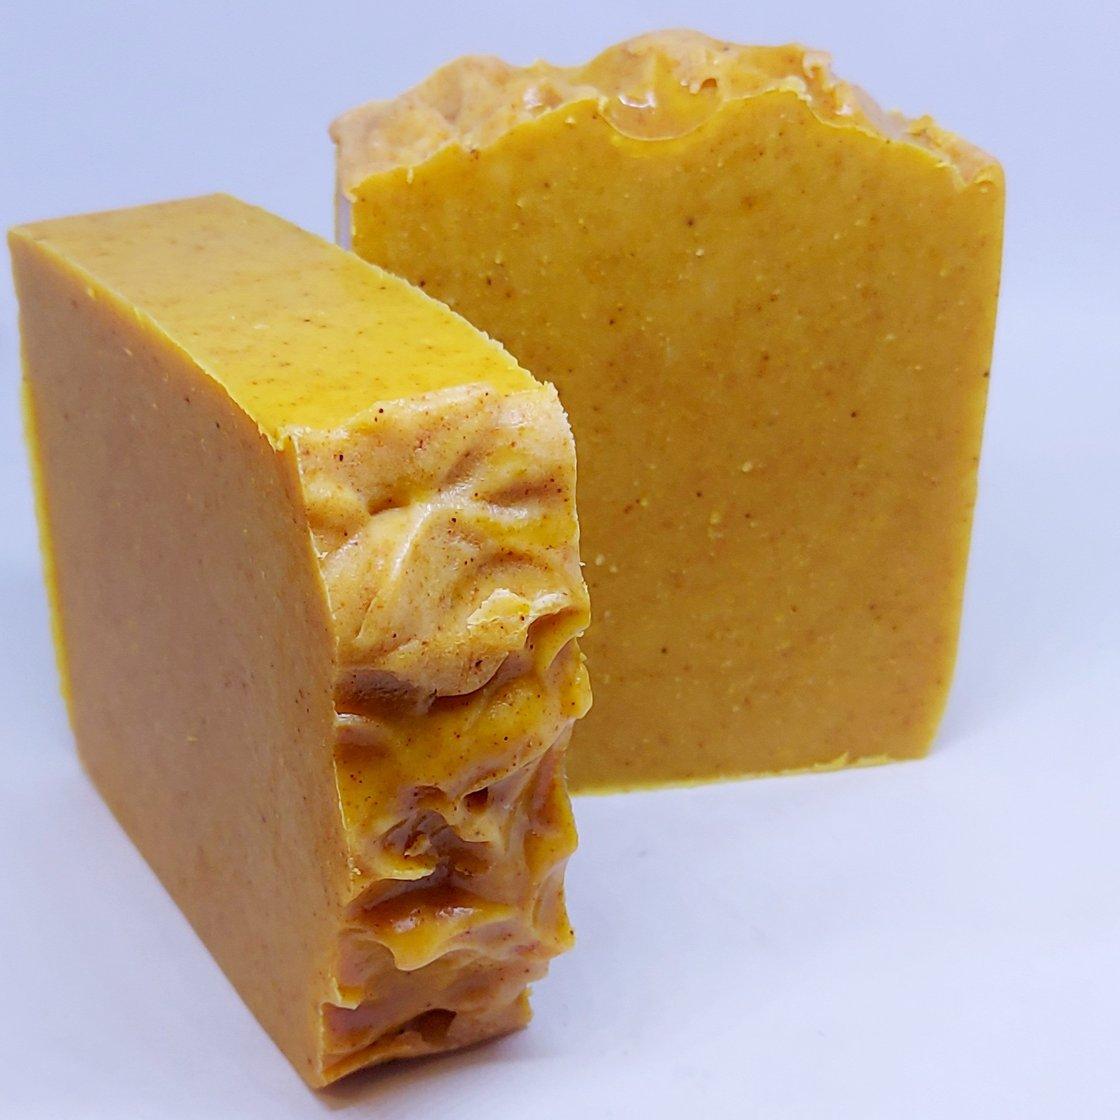 Image of Turmeric & Honey facial soap